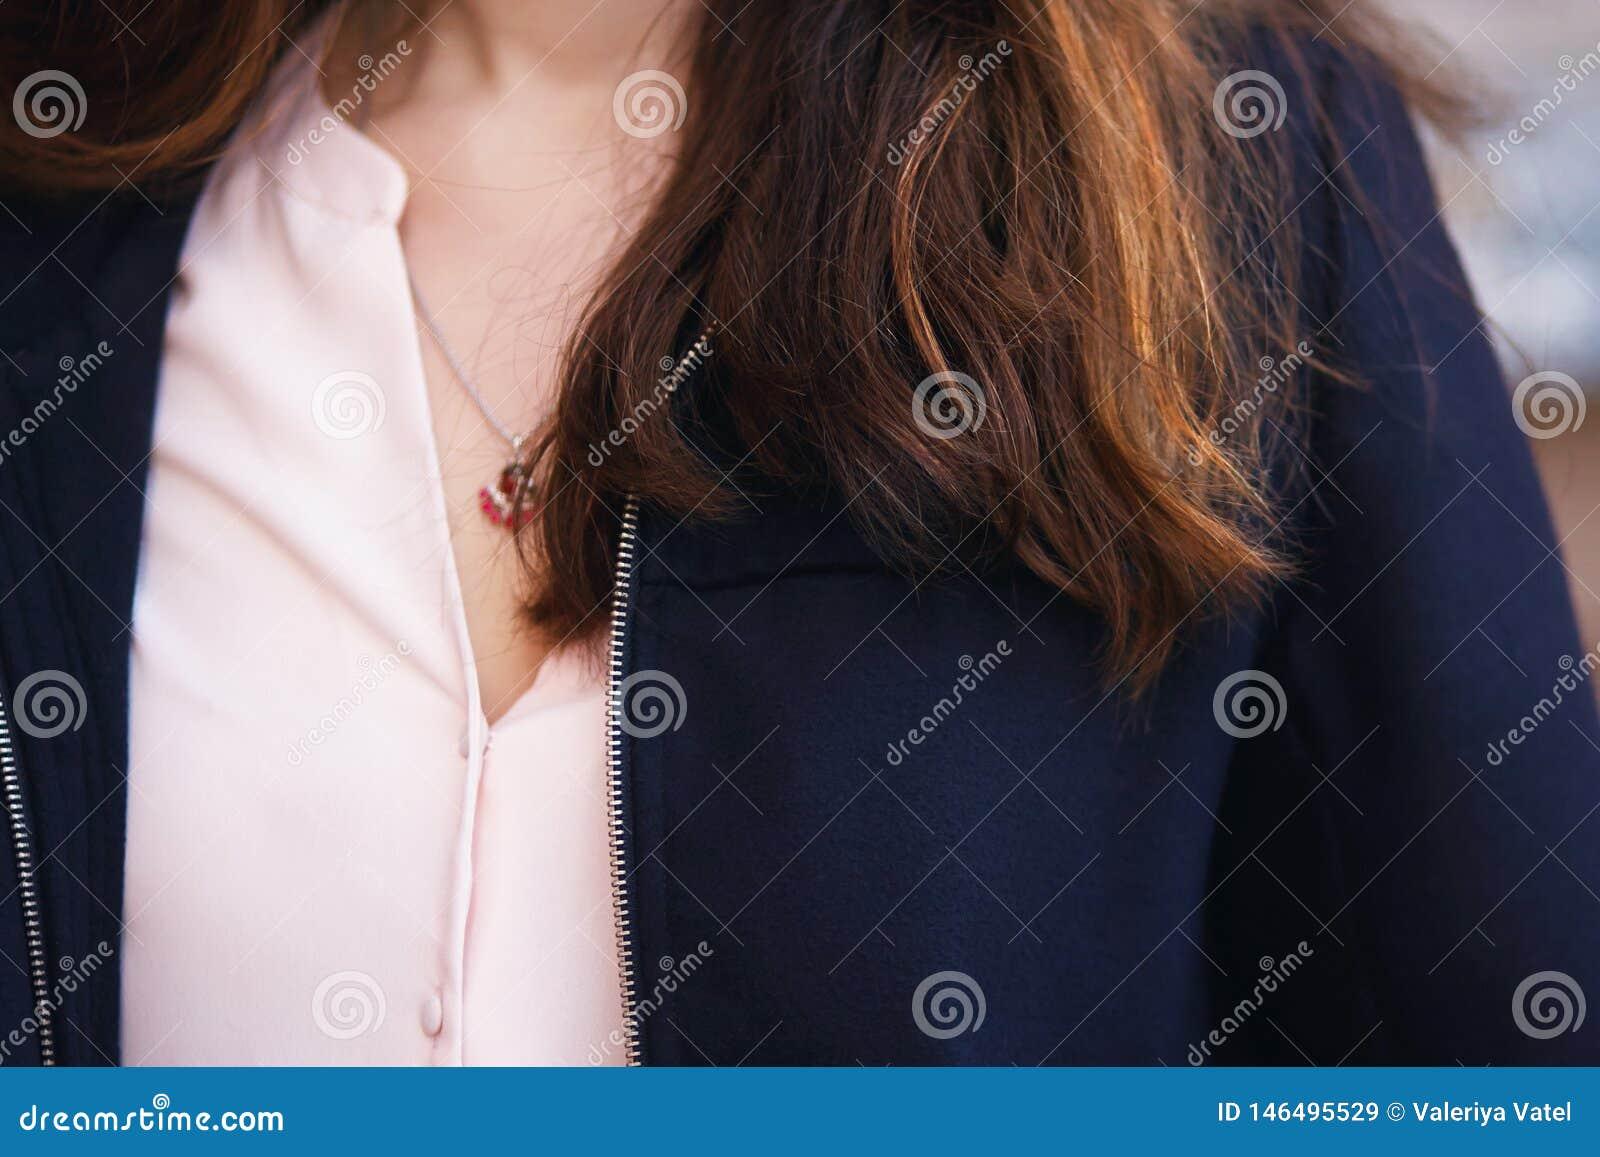 Coffre de la fille qui tombent les mèches rouges et brunes des cheveux